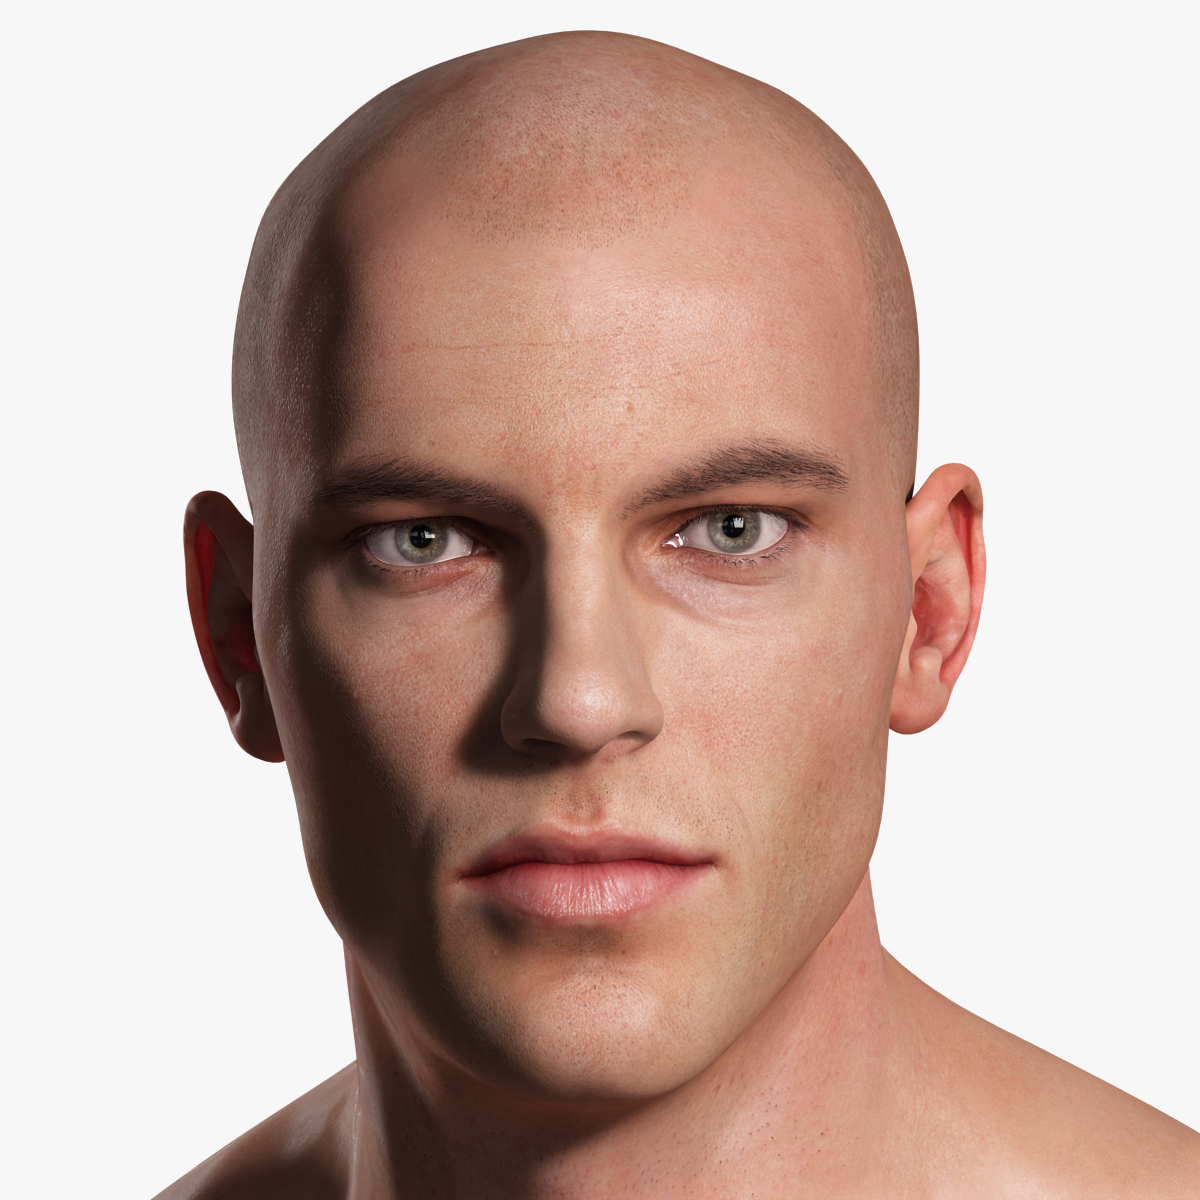 realistic male body - max